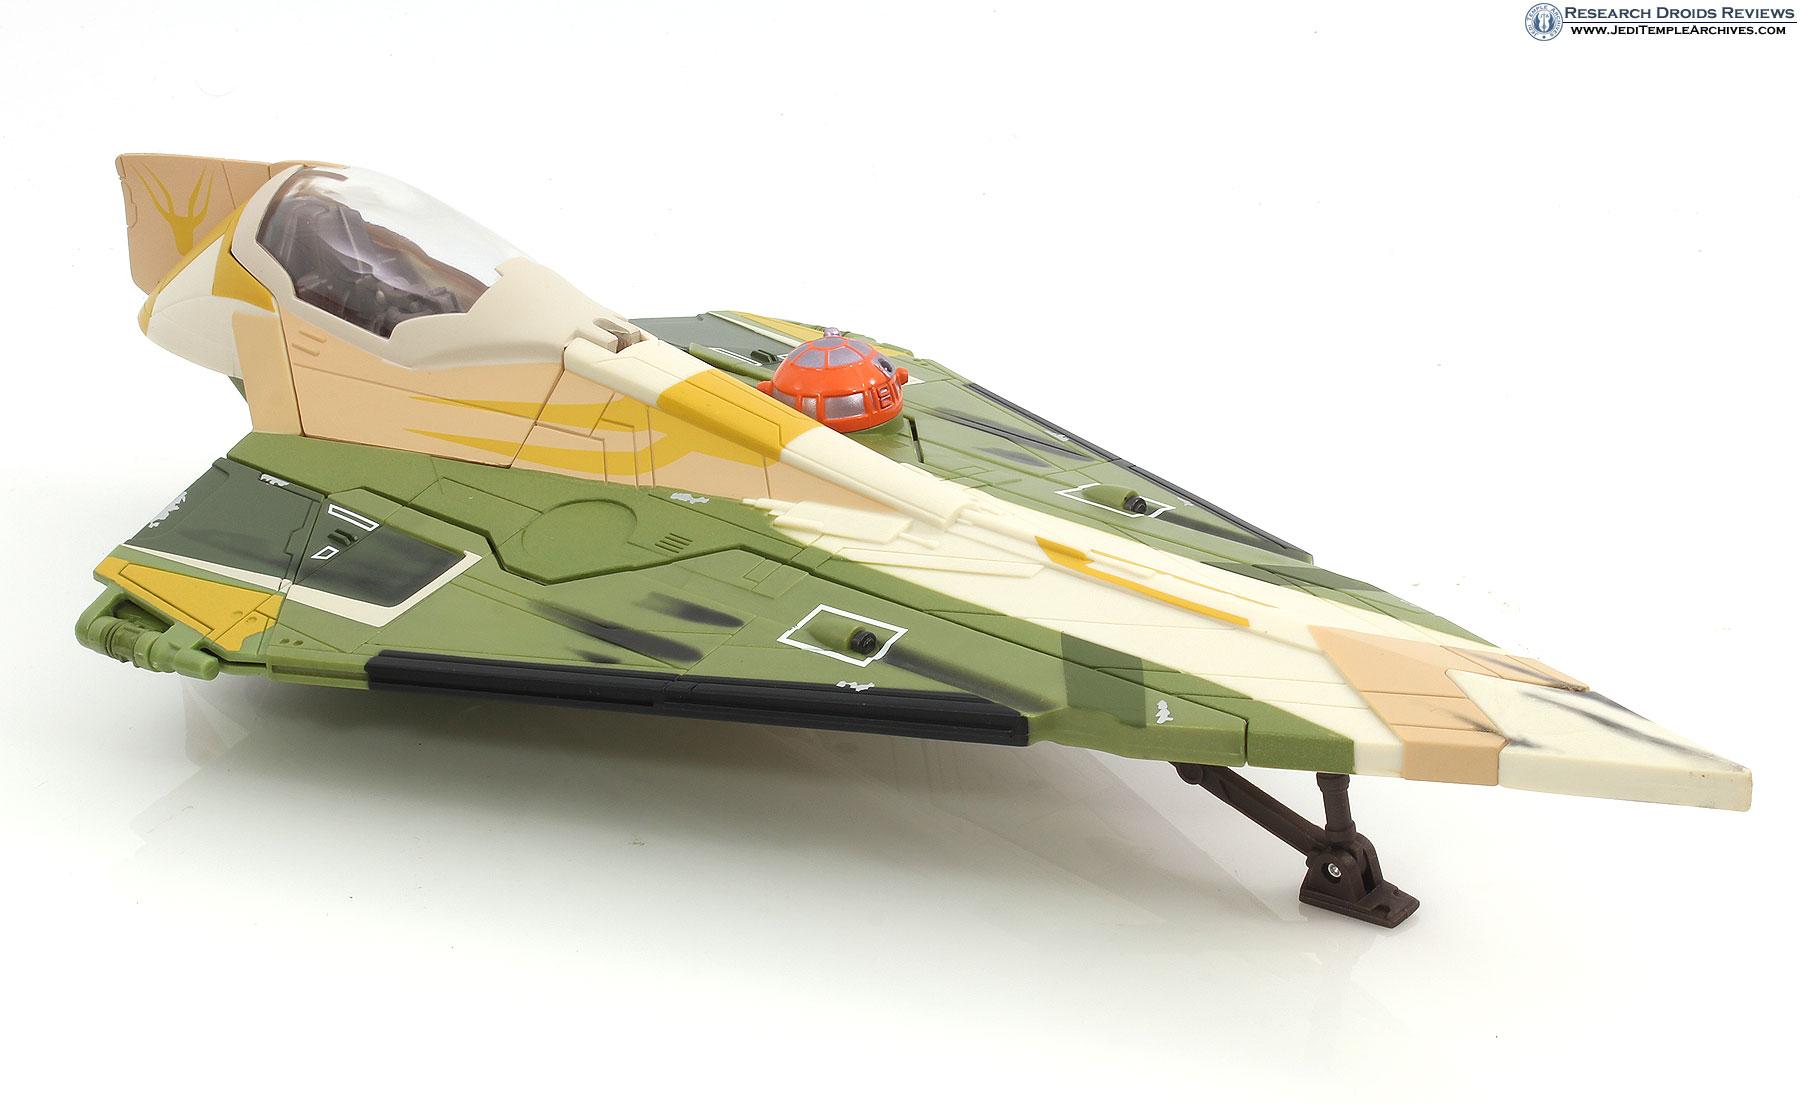 Kit Fisto's Jedi Starfighter